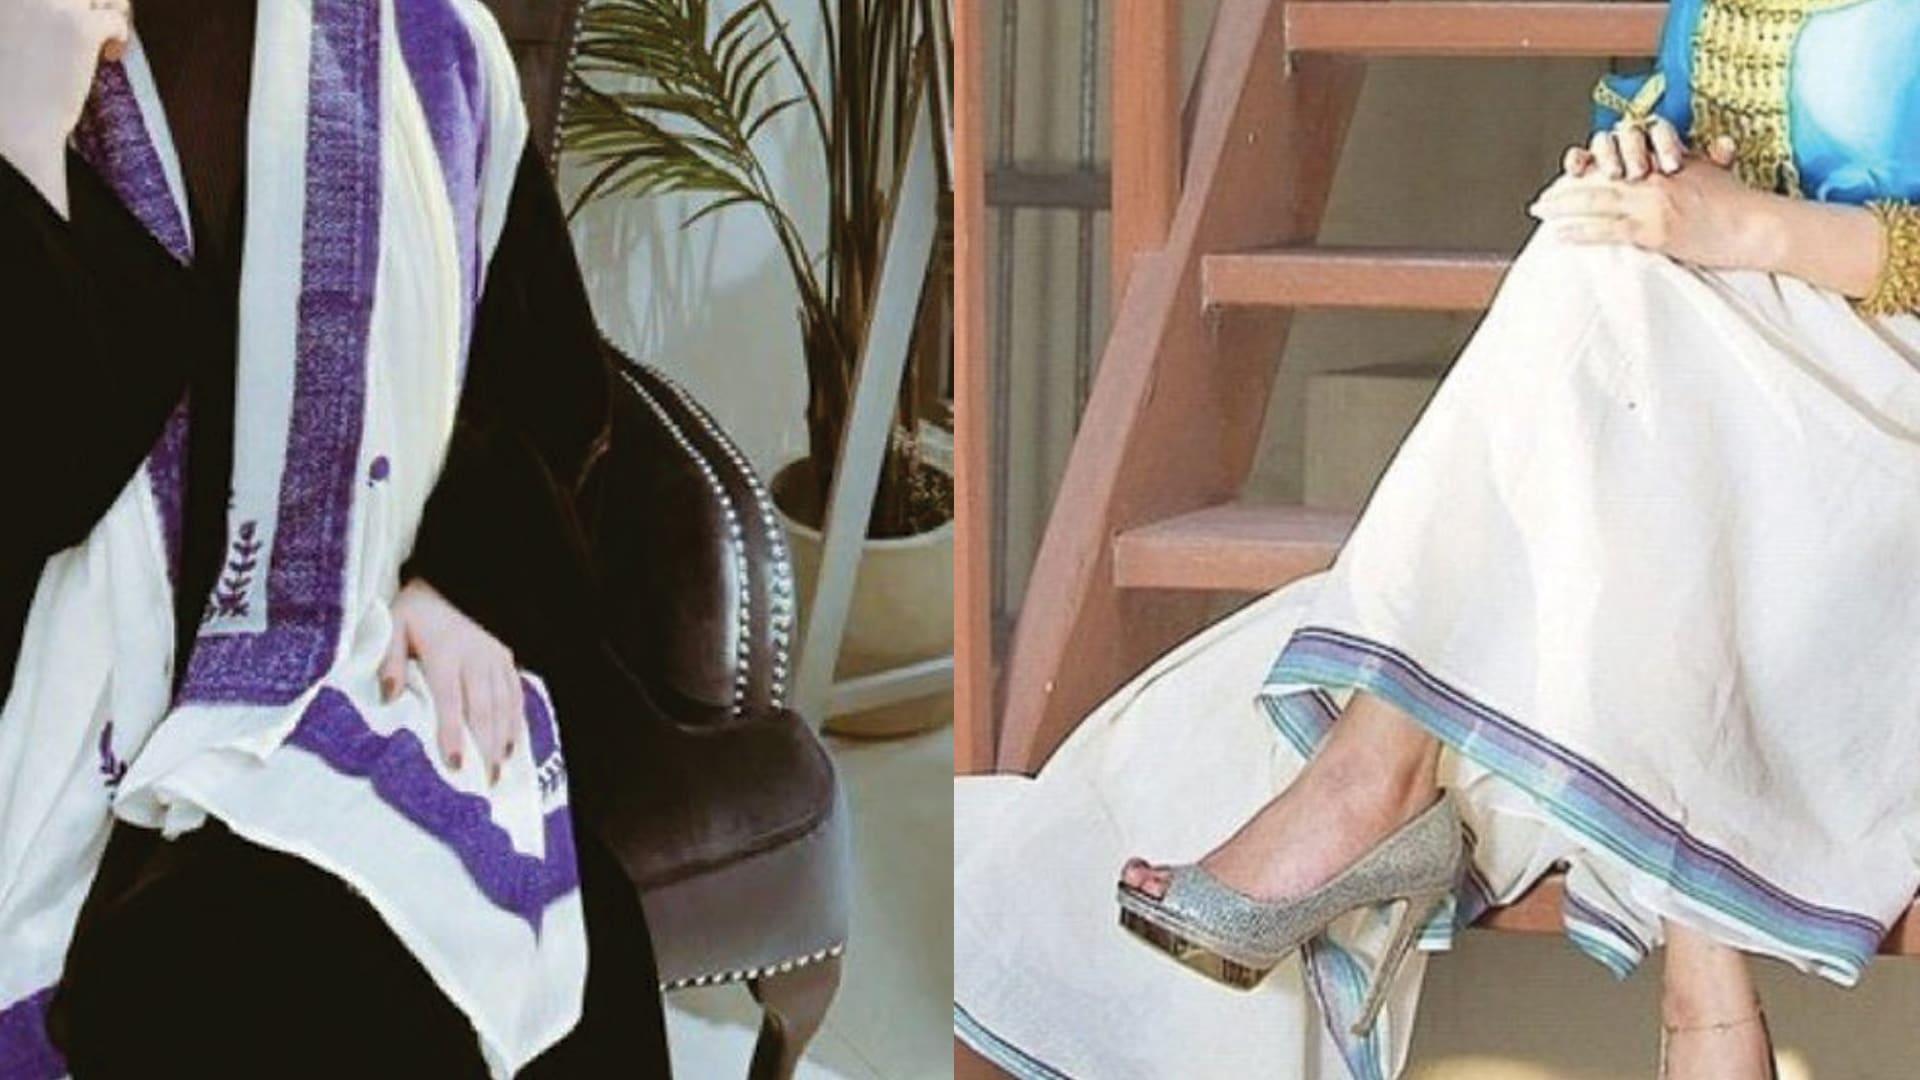 ملابس نسائية تثير الجدل في سلطنة عمان